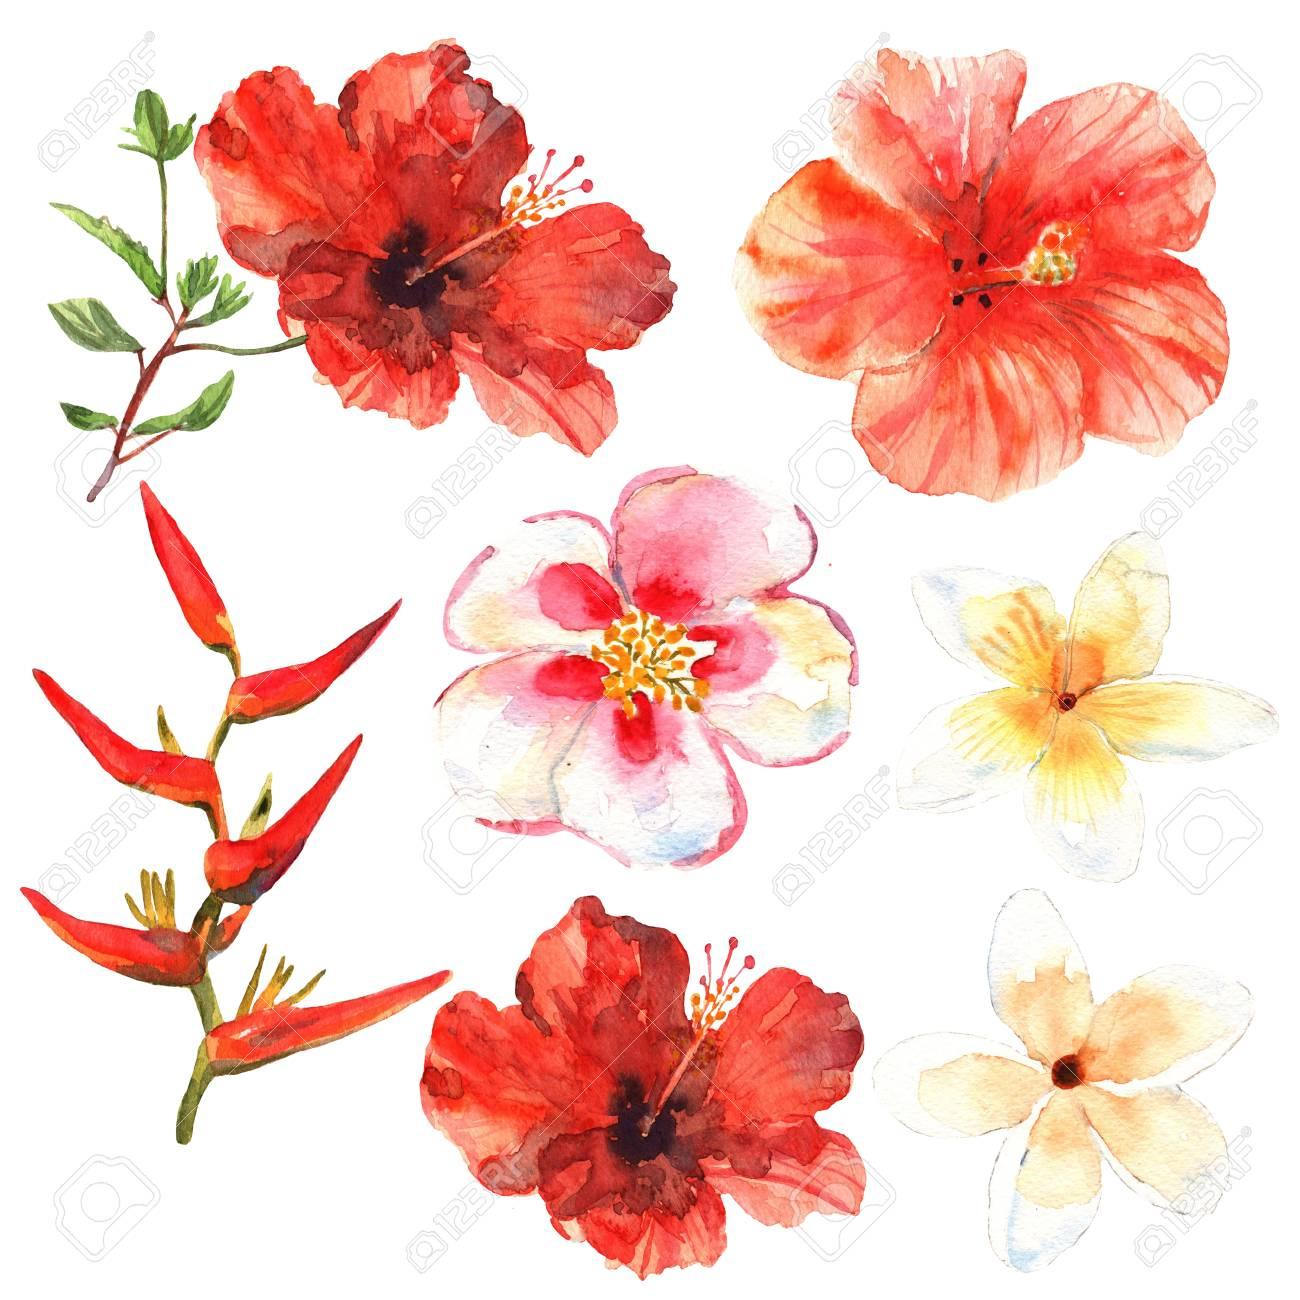 Conjunto Floral Coleccion Con Flores Tropicales Dibujo Acuarela